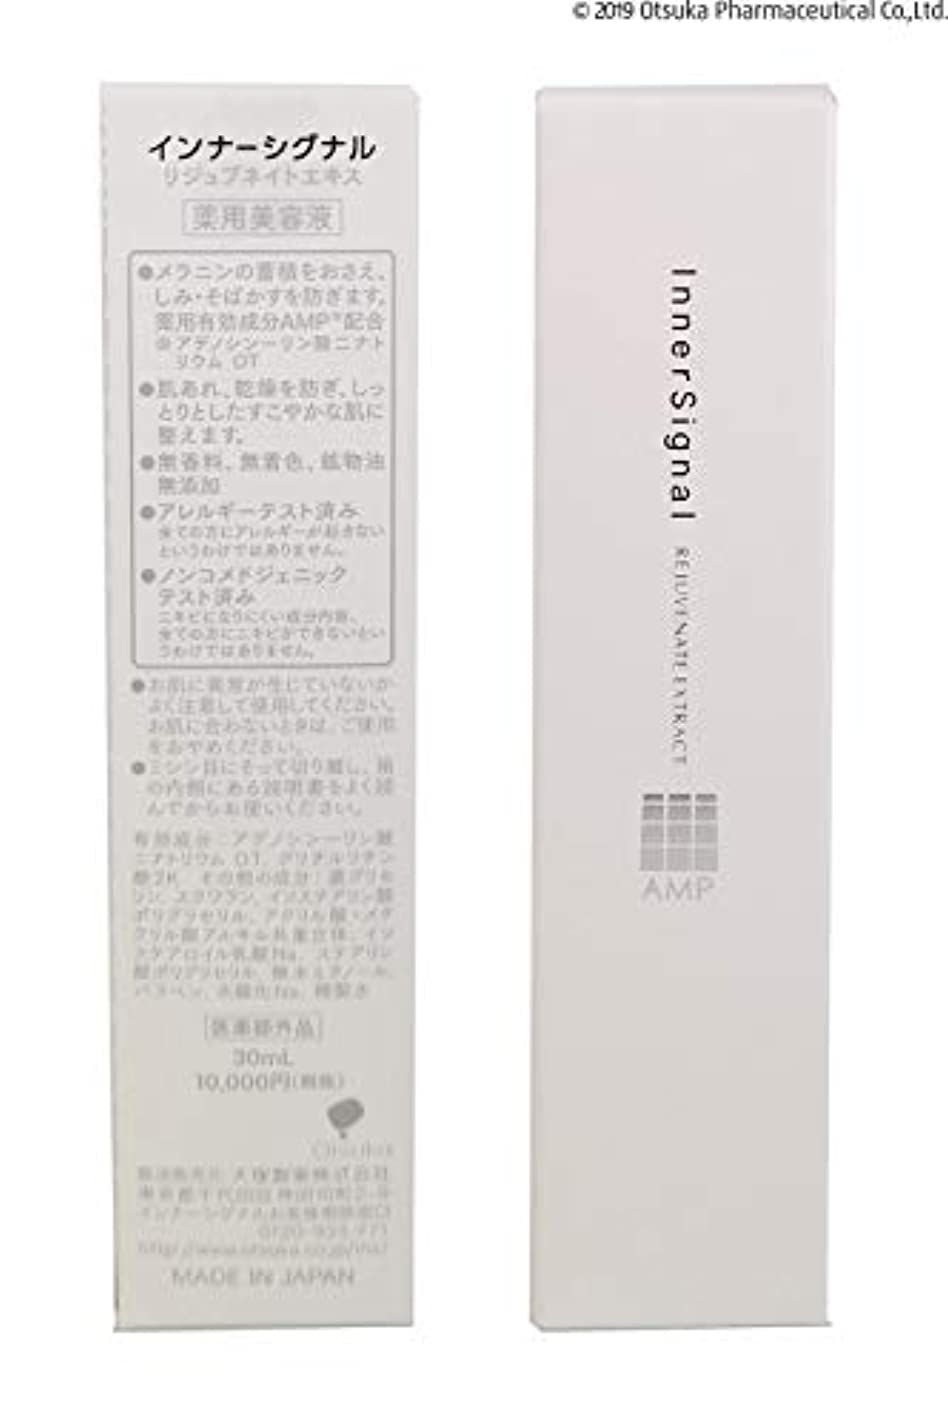 転倒貪欲ハーネス大塚製薬 【医薬部外品】 インナーシグナル エキス 30mL (薬用美容液)52981